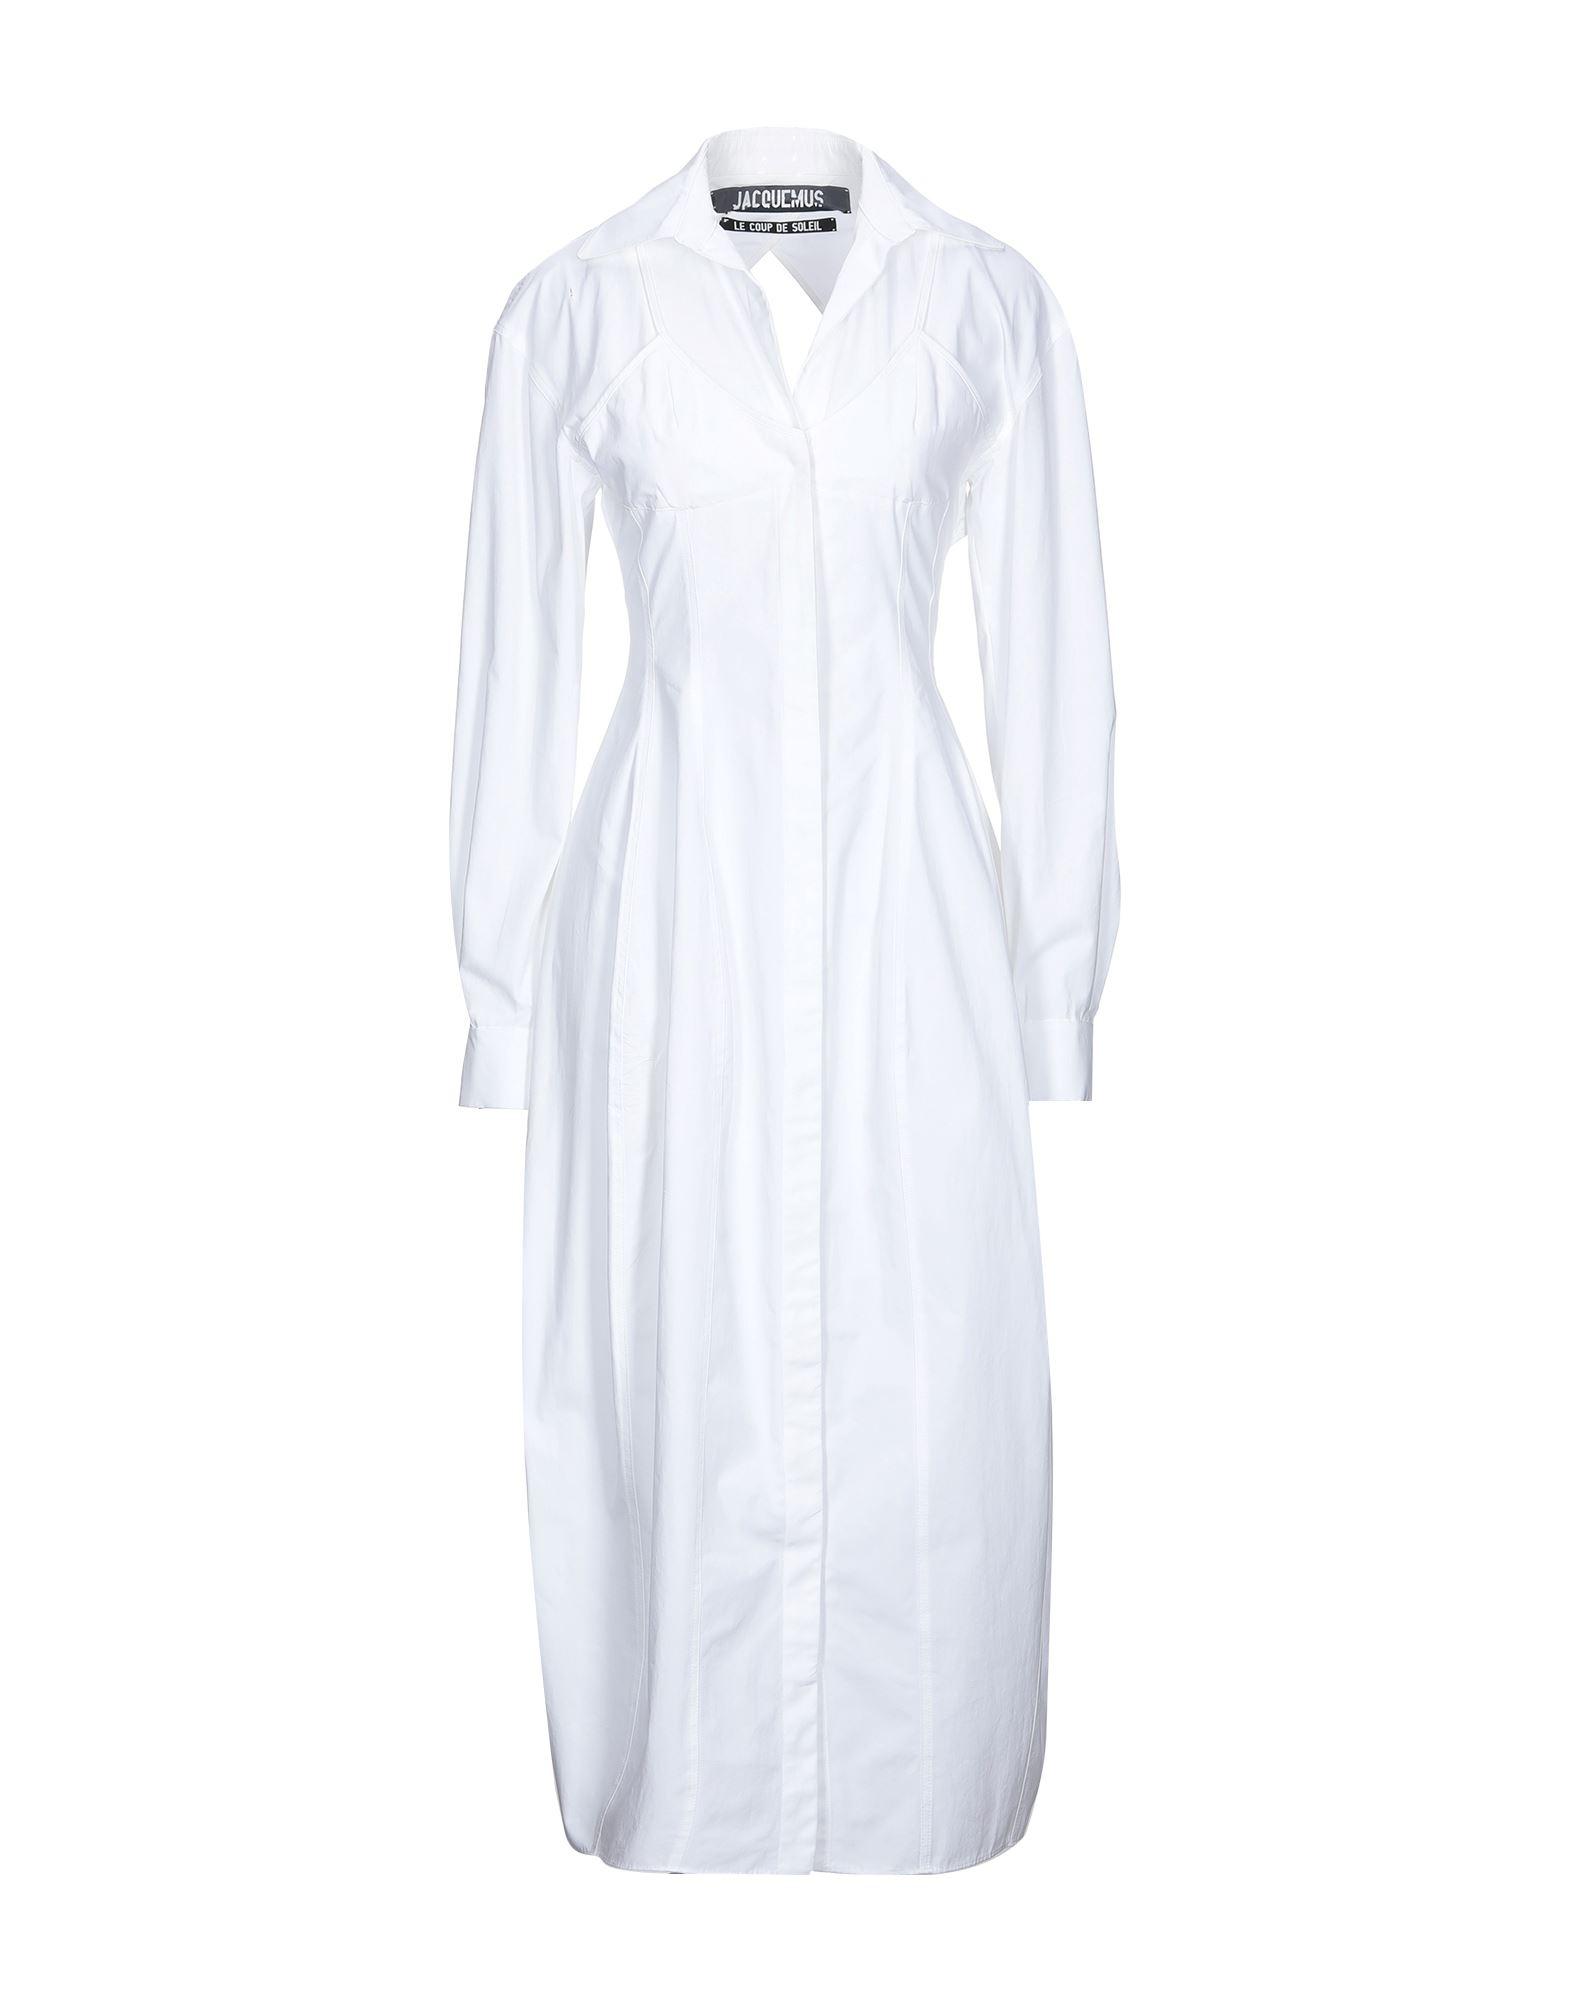 JACQUEMUS Платье длиной 3/4 jacquemus юбка длиной 3 4